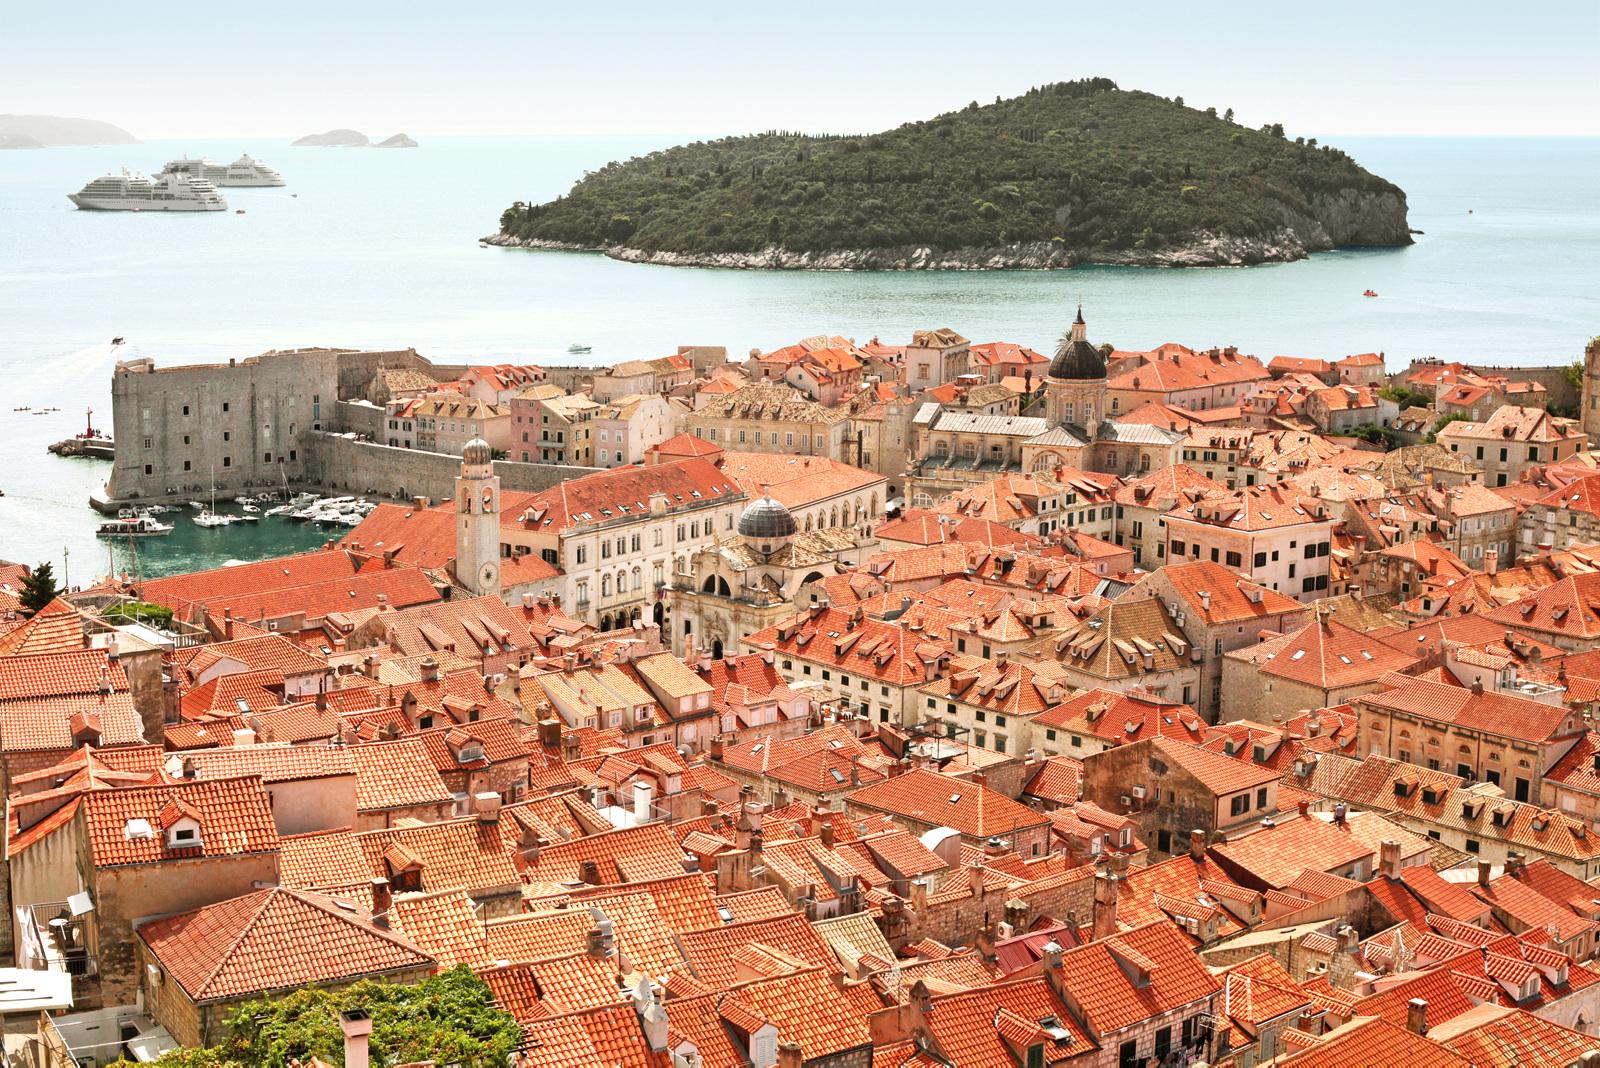 Både Dubrovniks gamleby og øya Lokrum har blitt brukt under innspillingen av Game of Thrones.